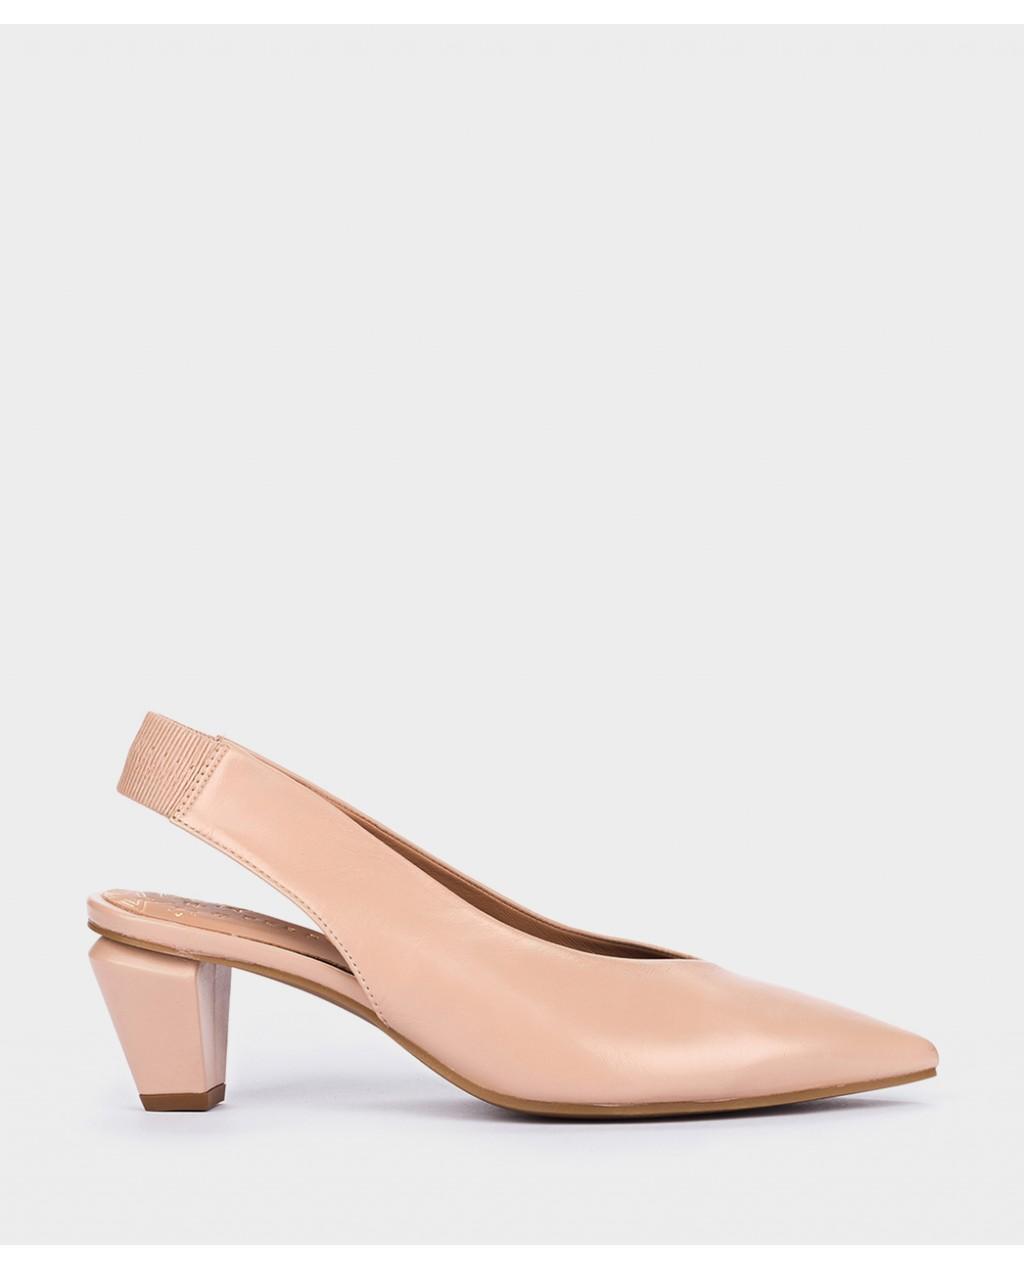 Zapato salón en piel nude de Pedro Miralles